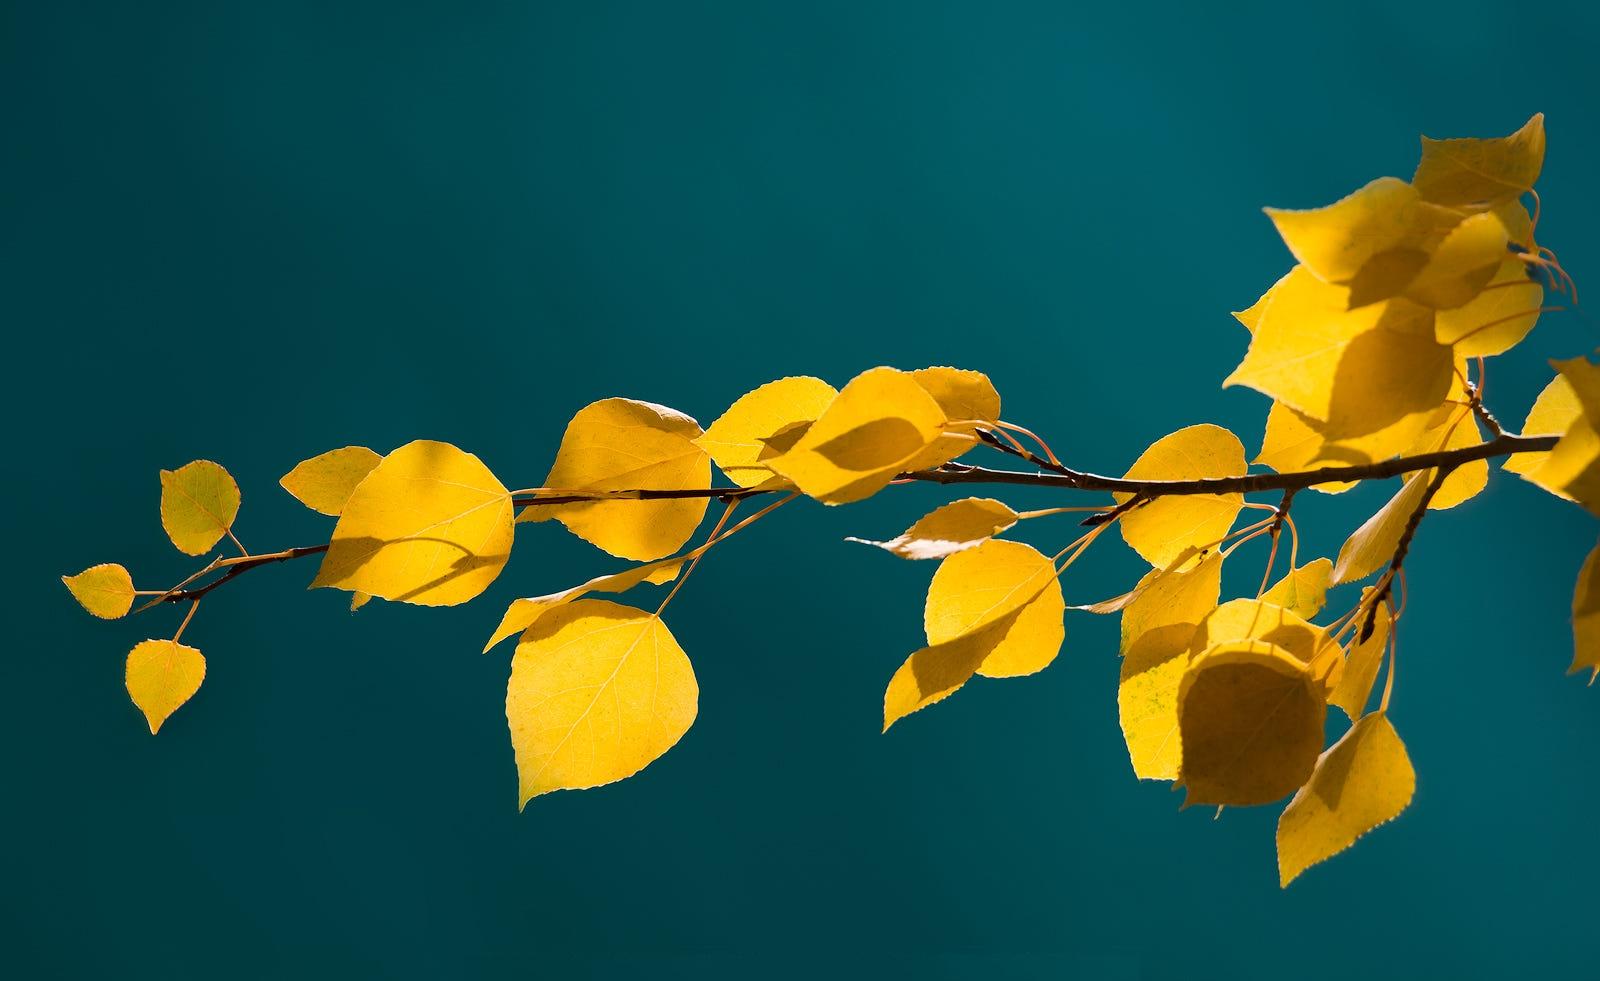 Фото Осенняя ветка с листочками, фотограф Greg Boratyn